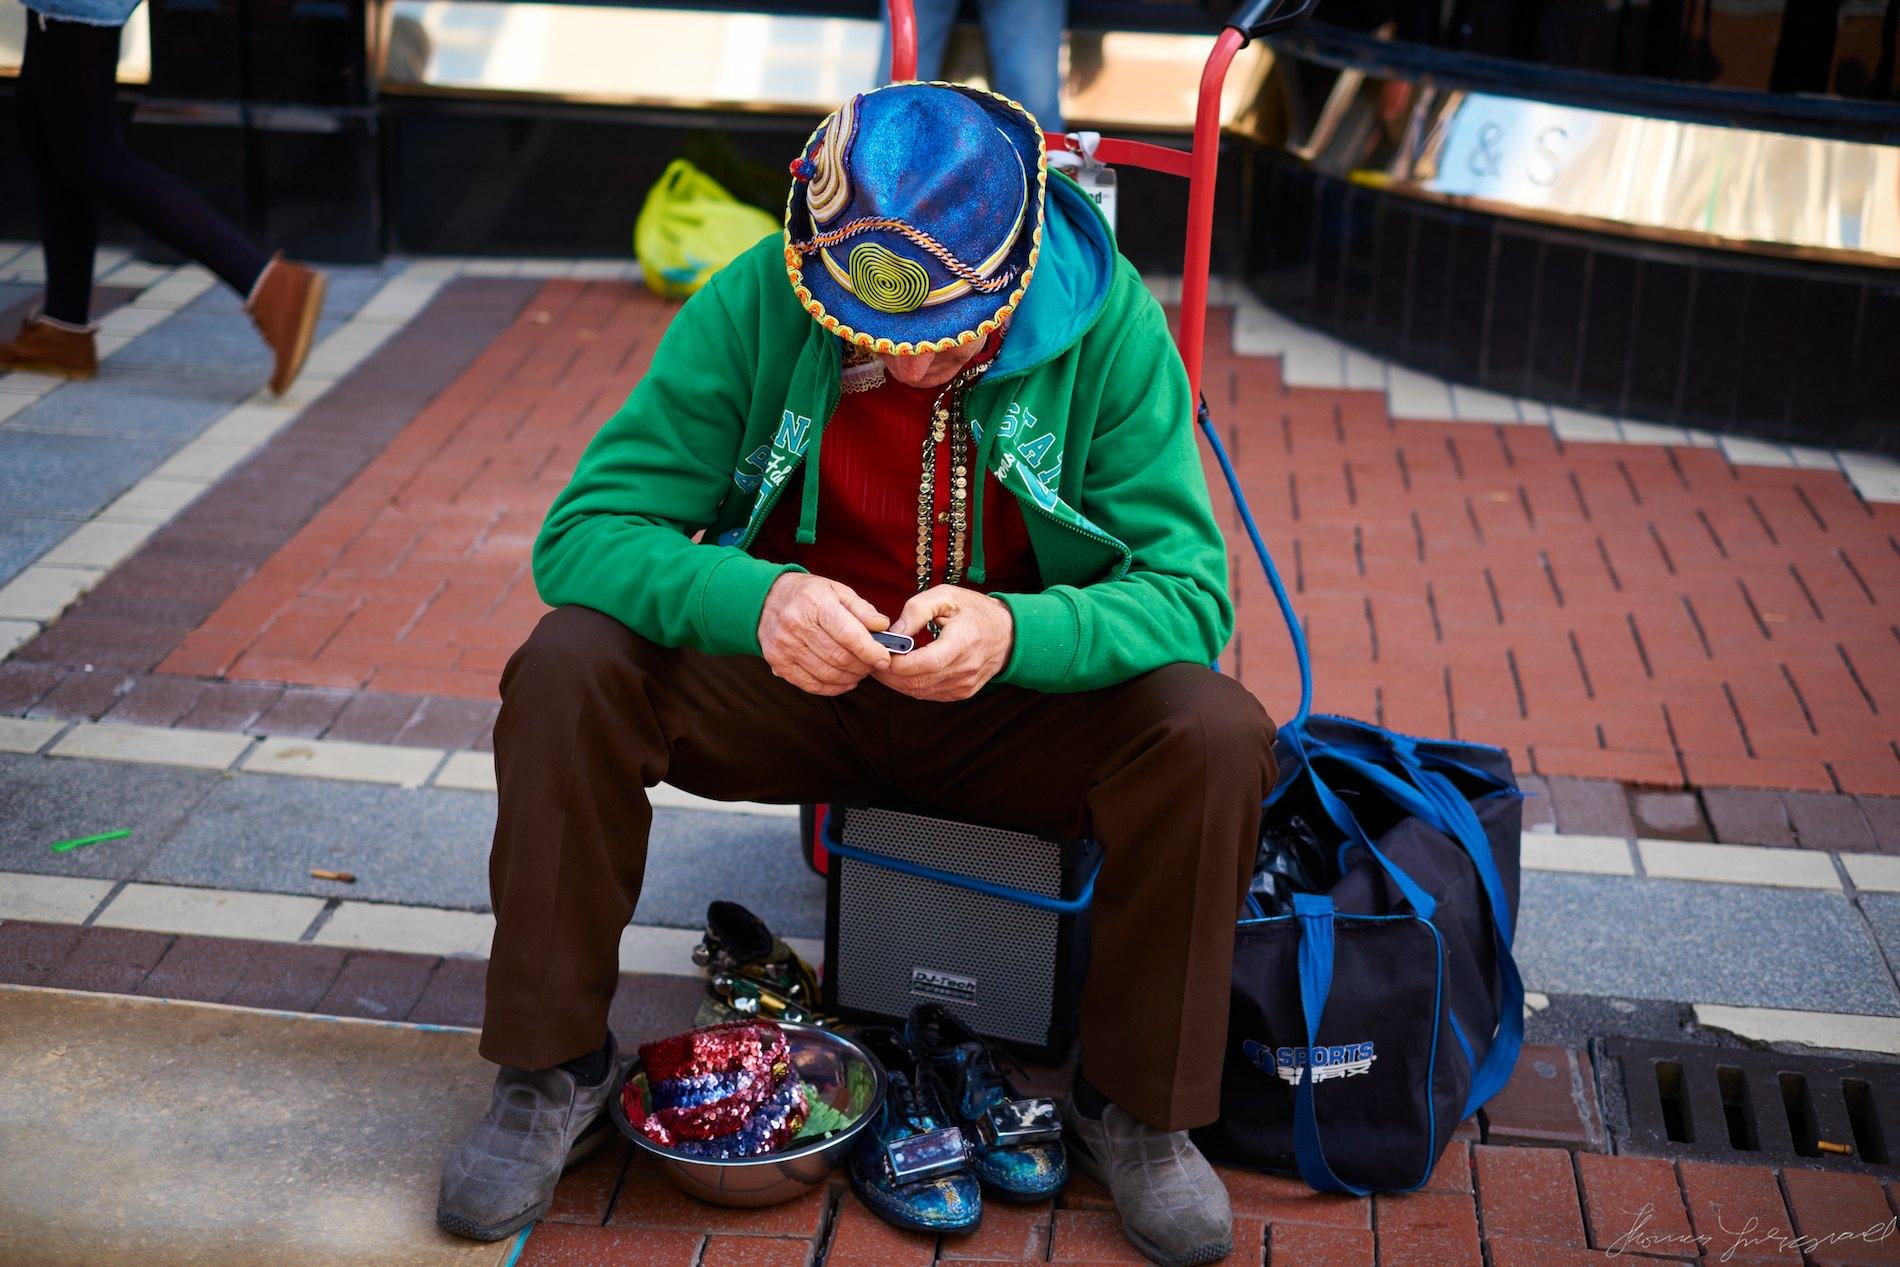 Street busker on smartphone